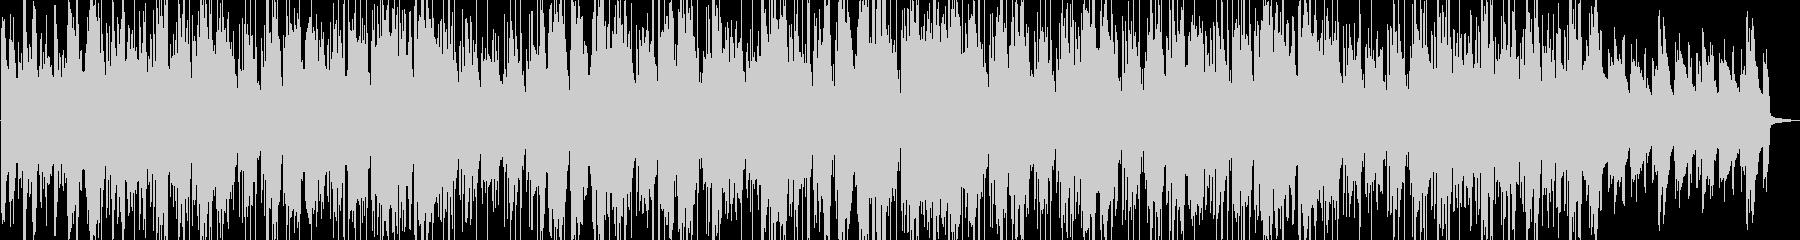 ムーディーなサックスとトランペットのんの未再生の波形